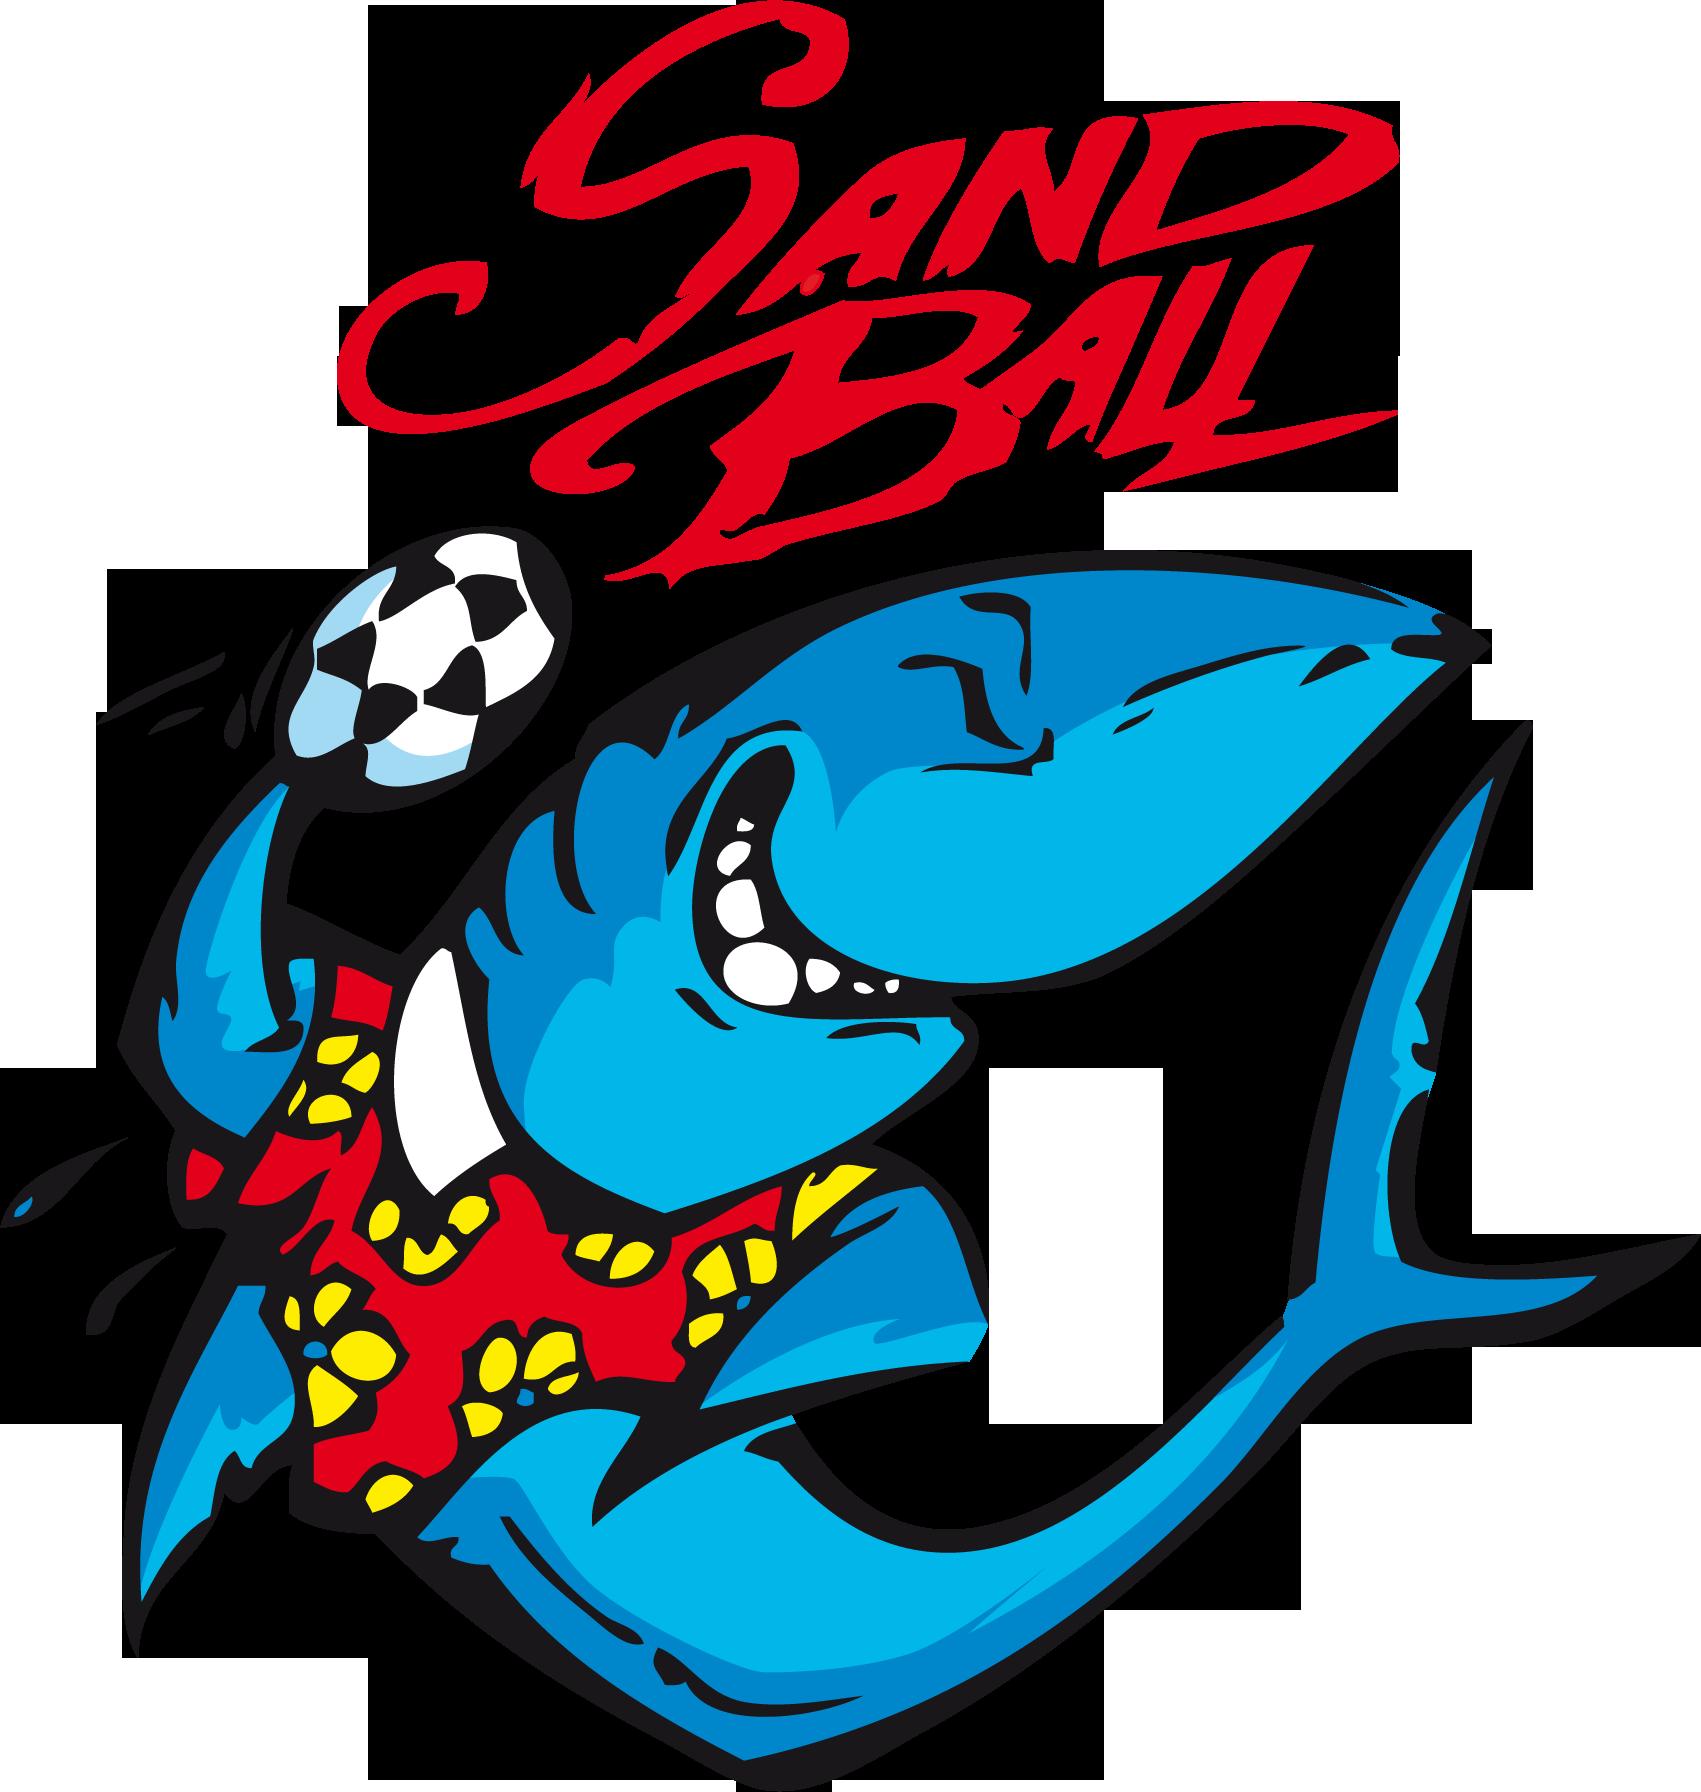 Besoin d'inspiration pour les étapes du Sandball Tour 2012?